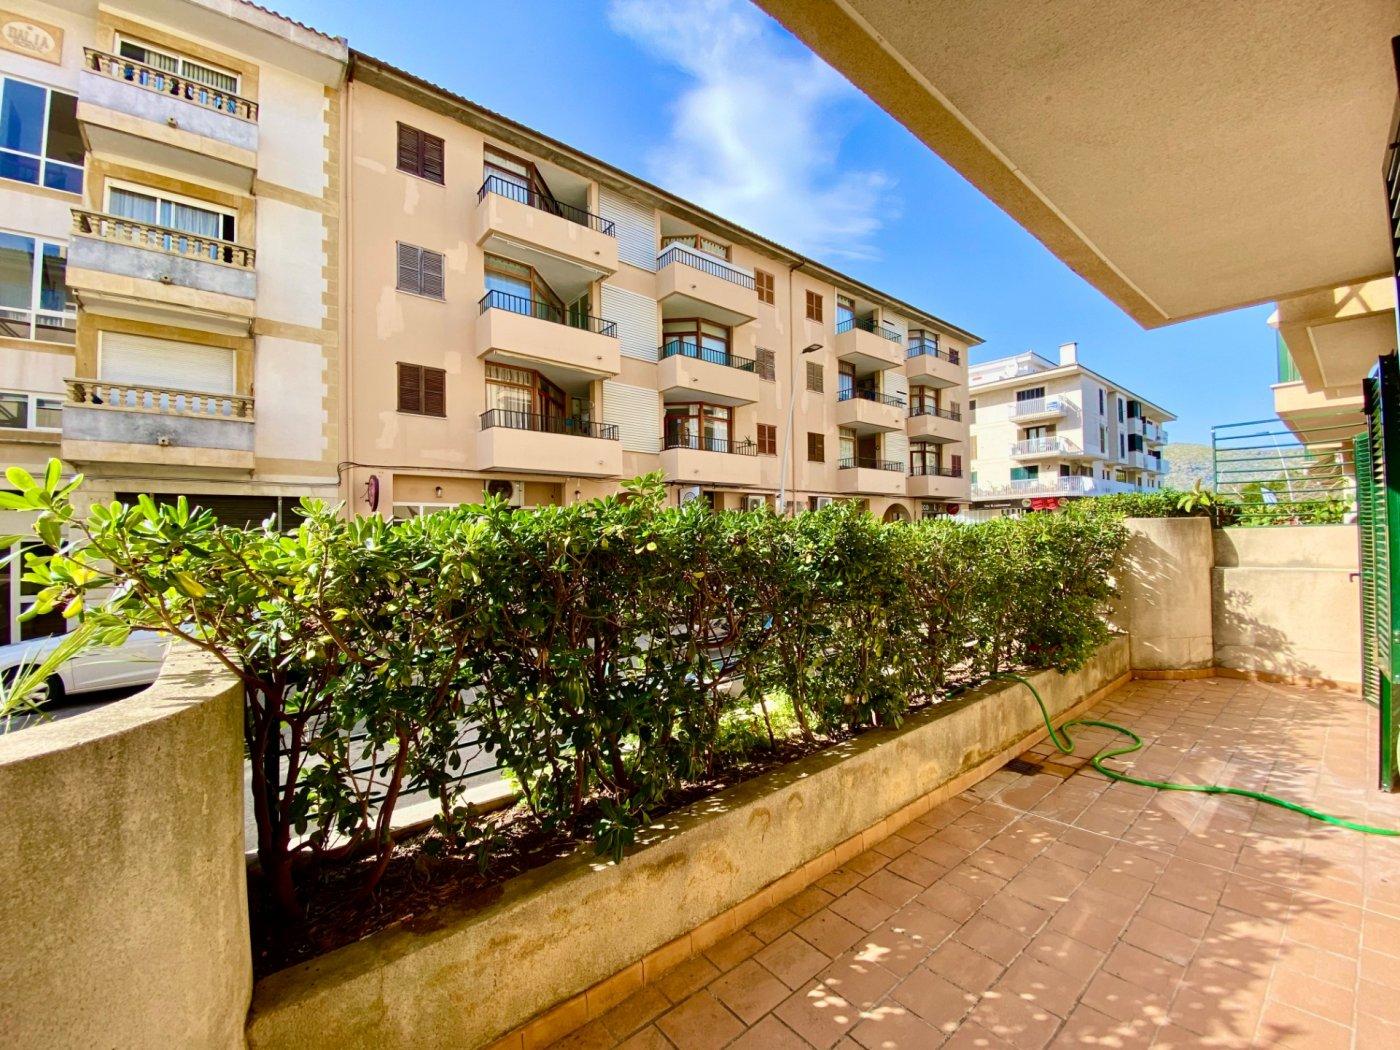 Céntrica planta baja con dos terrazas y plaza de parking - imagenInmueble12